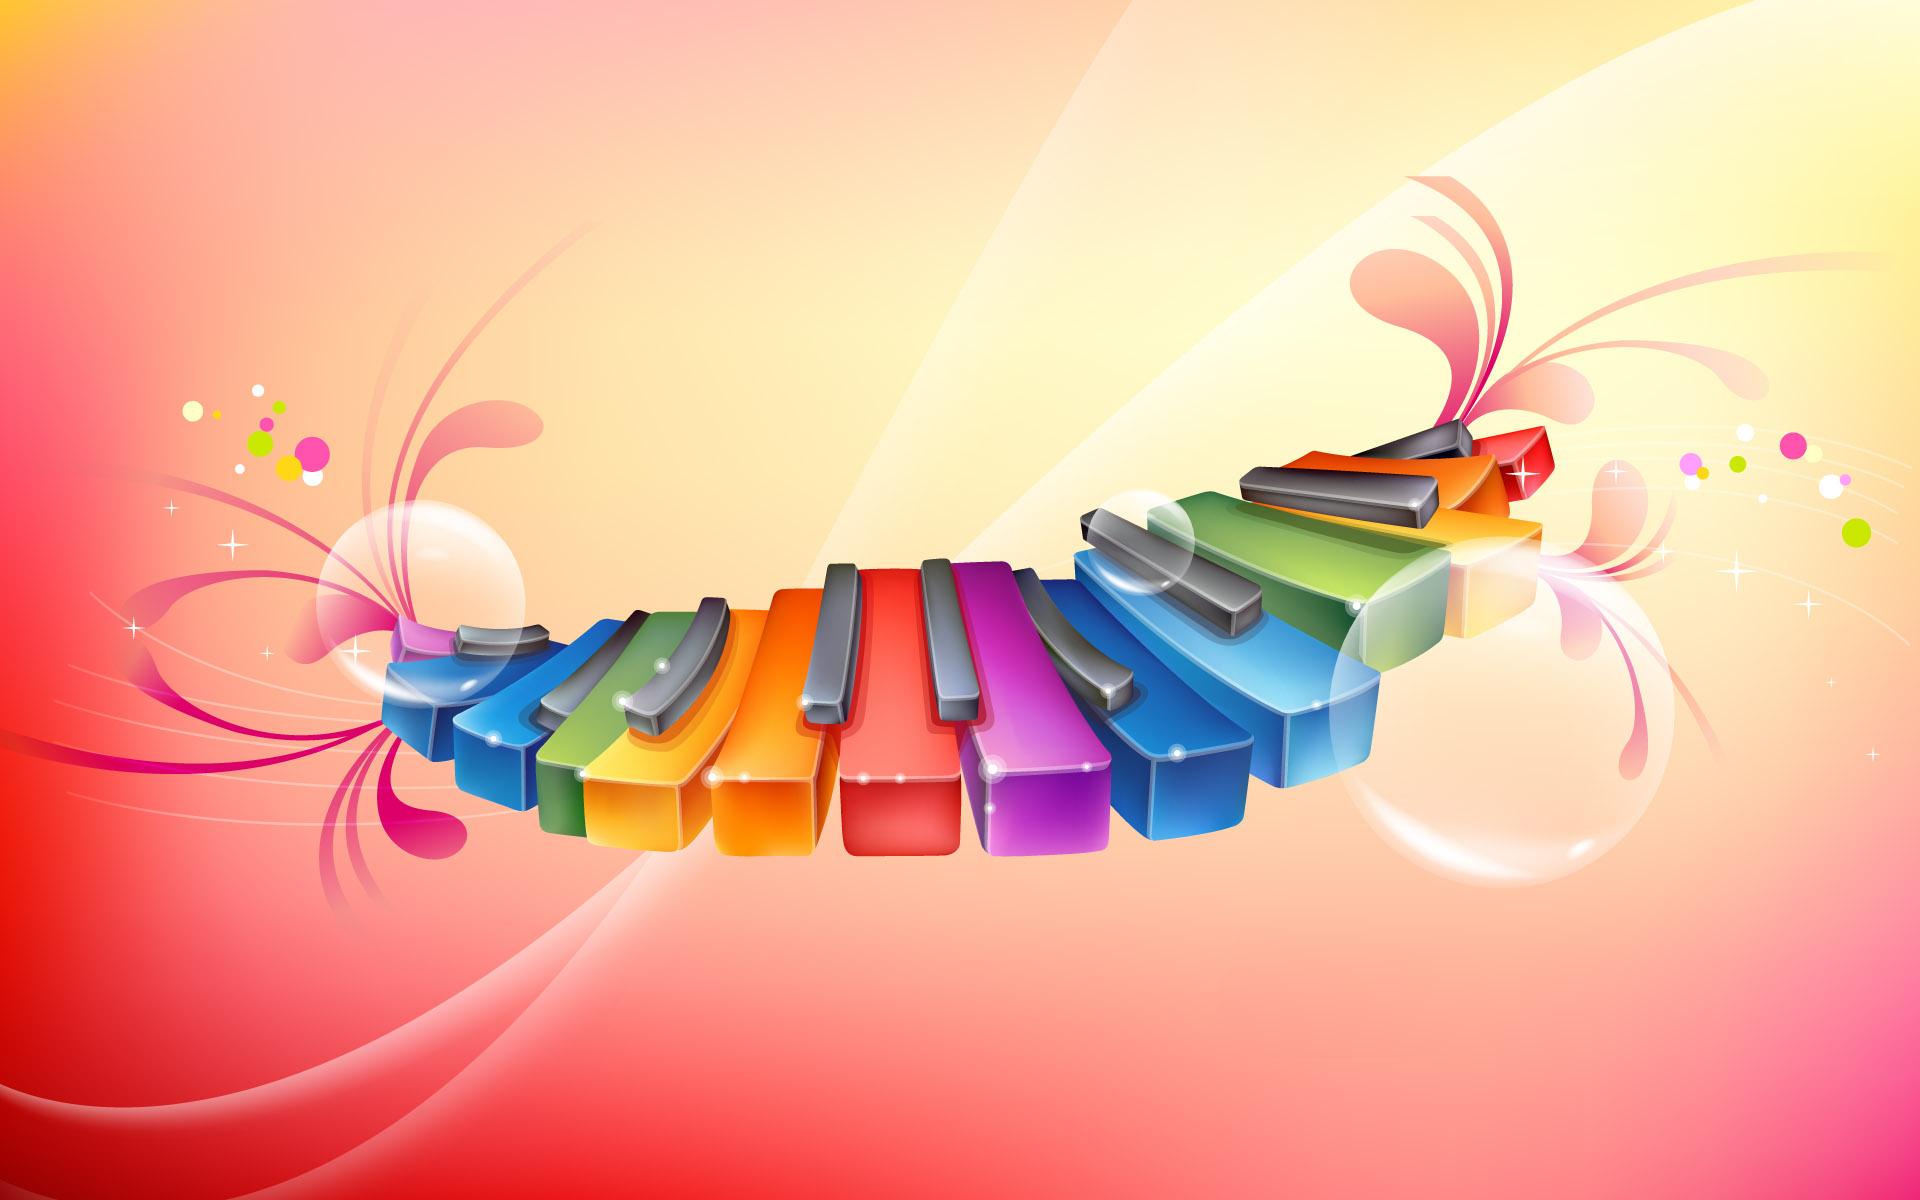 เปียโน คียจม